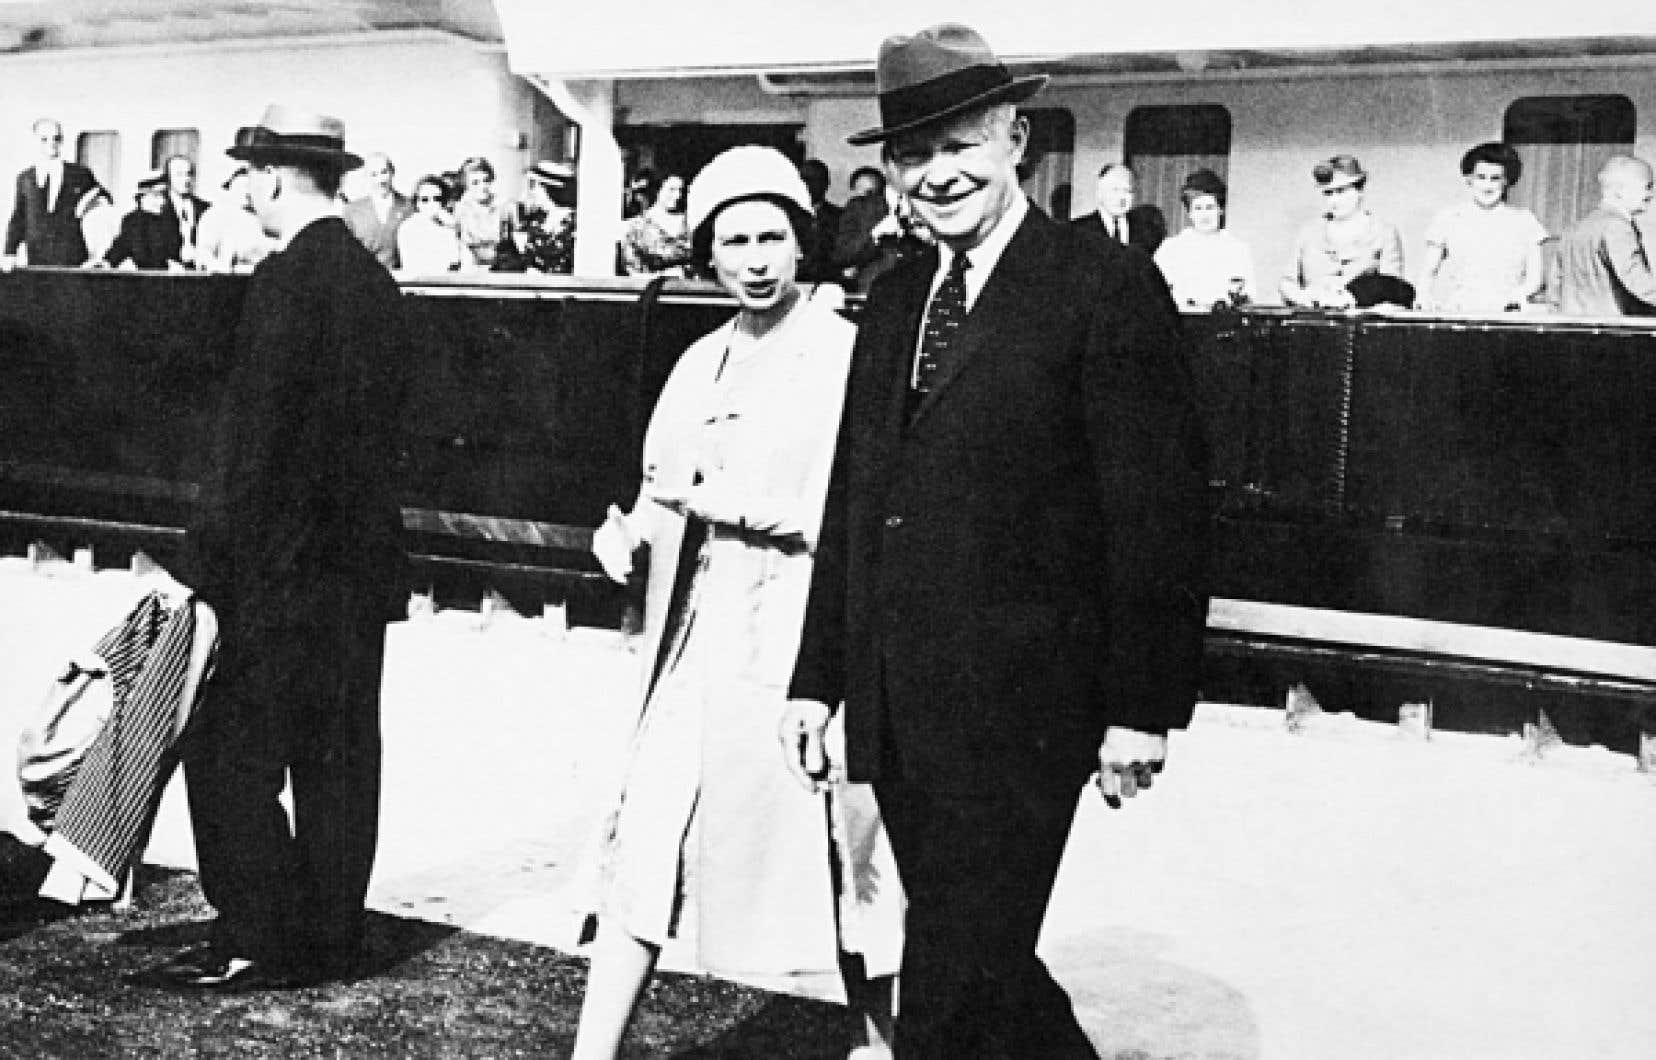 La Voie maritime du Saint-Laurent, une entreprise canado-américaine, fut officiellement inaugurée par la reine Élisabeth II et le président Dwight Eisenhower, le 26 juin 1959.